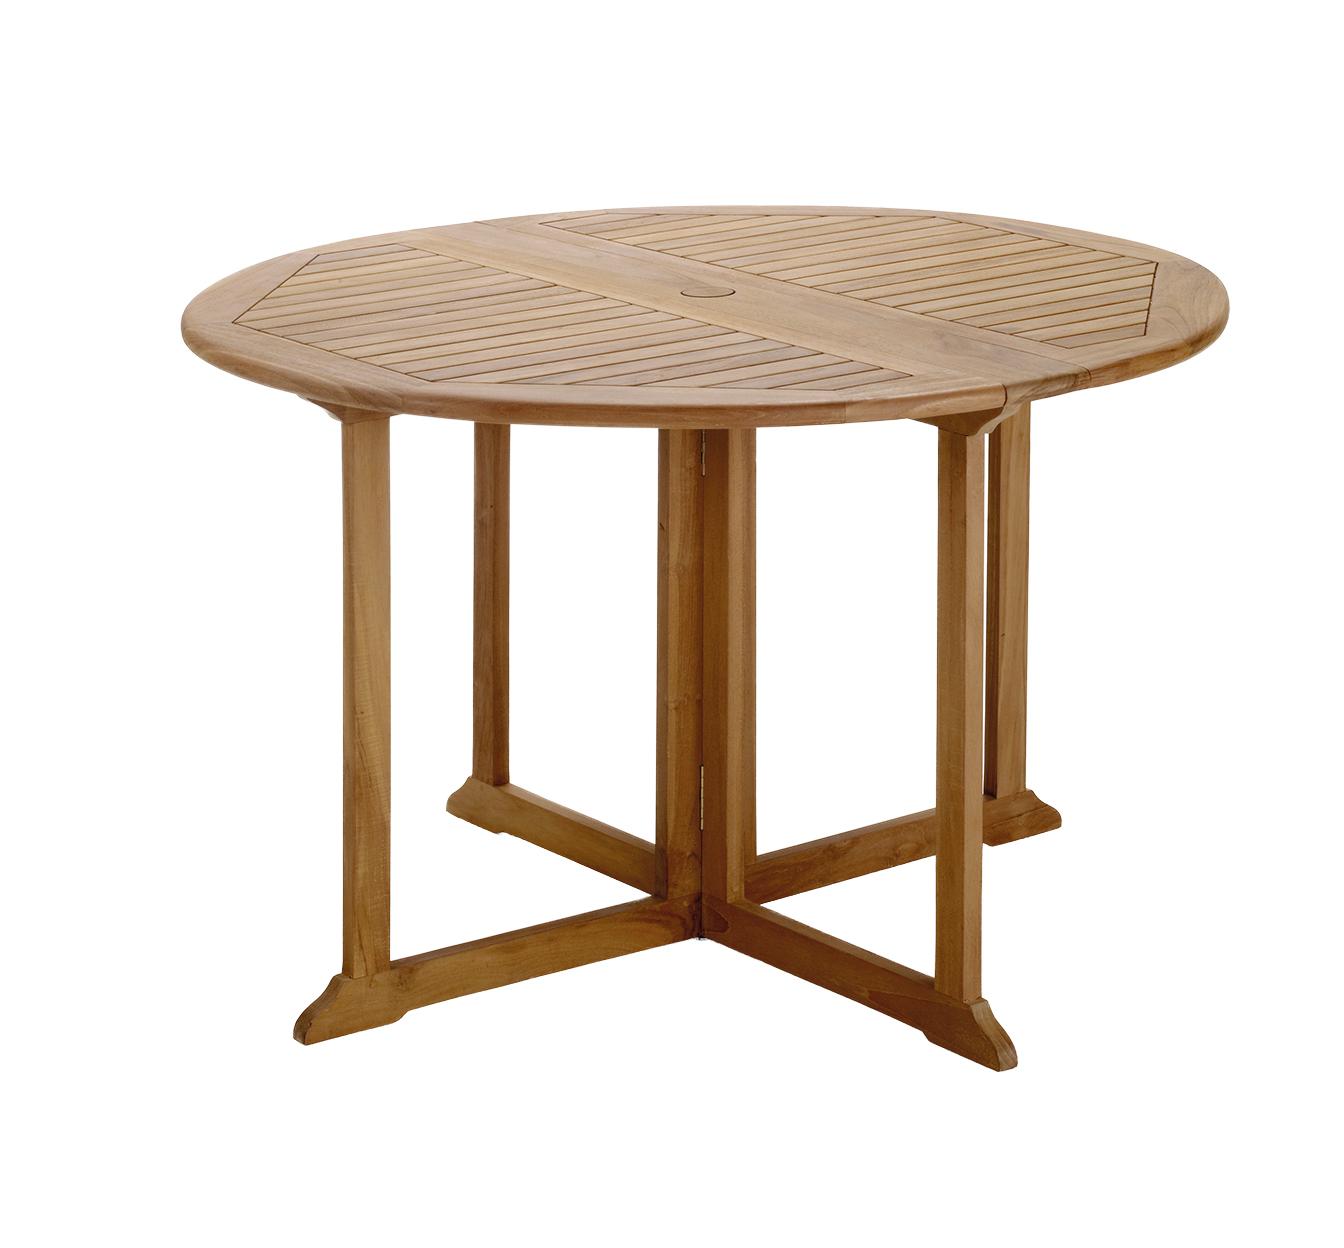 Muebles y complementos para disfrutar del exterior - Mesas de exterior de madera ...